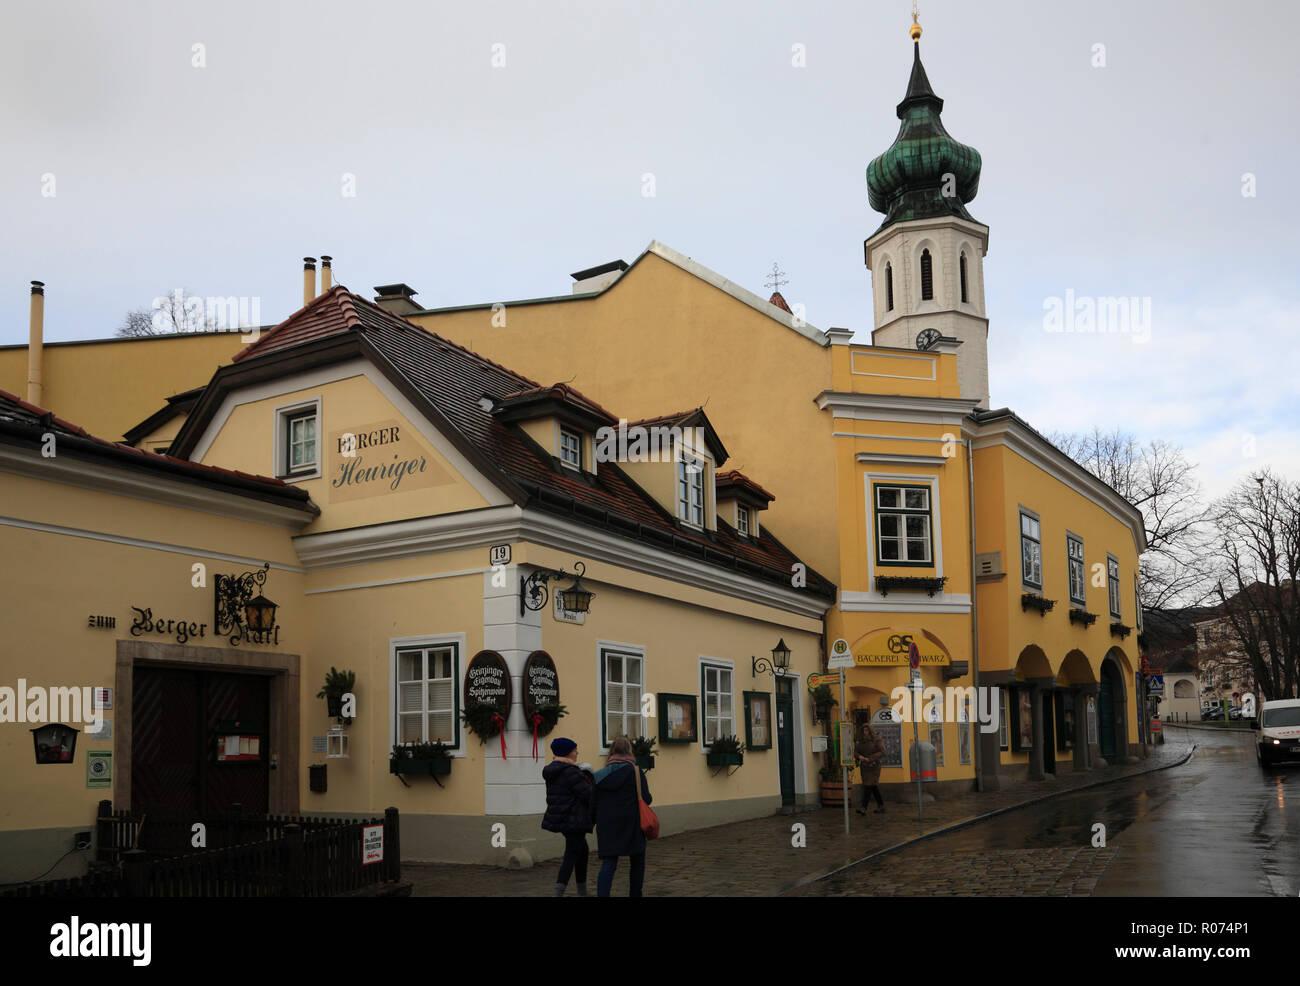 ÖSTERREICH, Wien, Grinzing, Himmelsstrasse mit Pfarrkirche - Stock Image